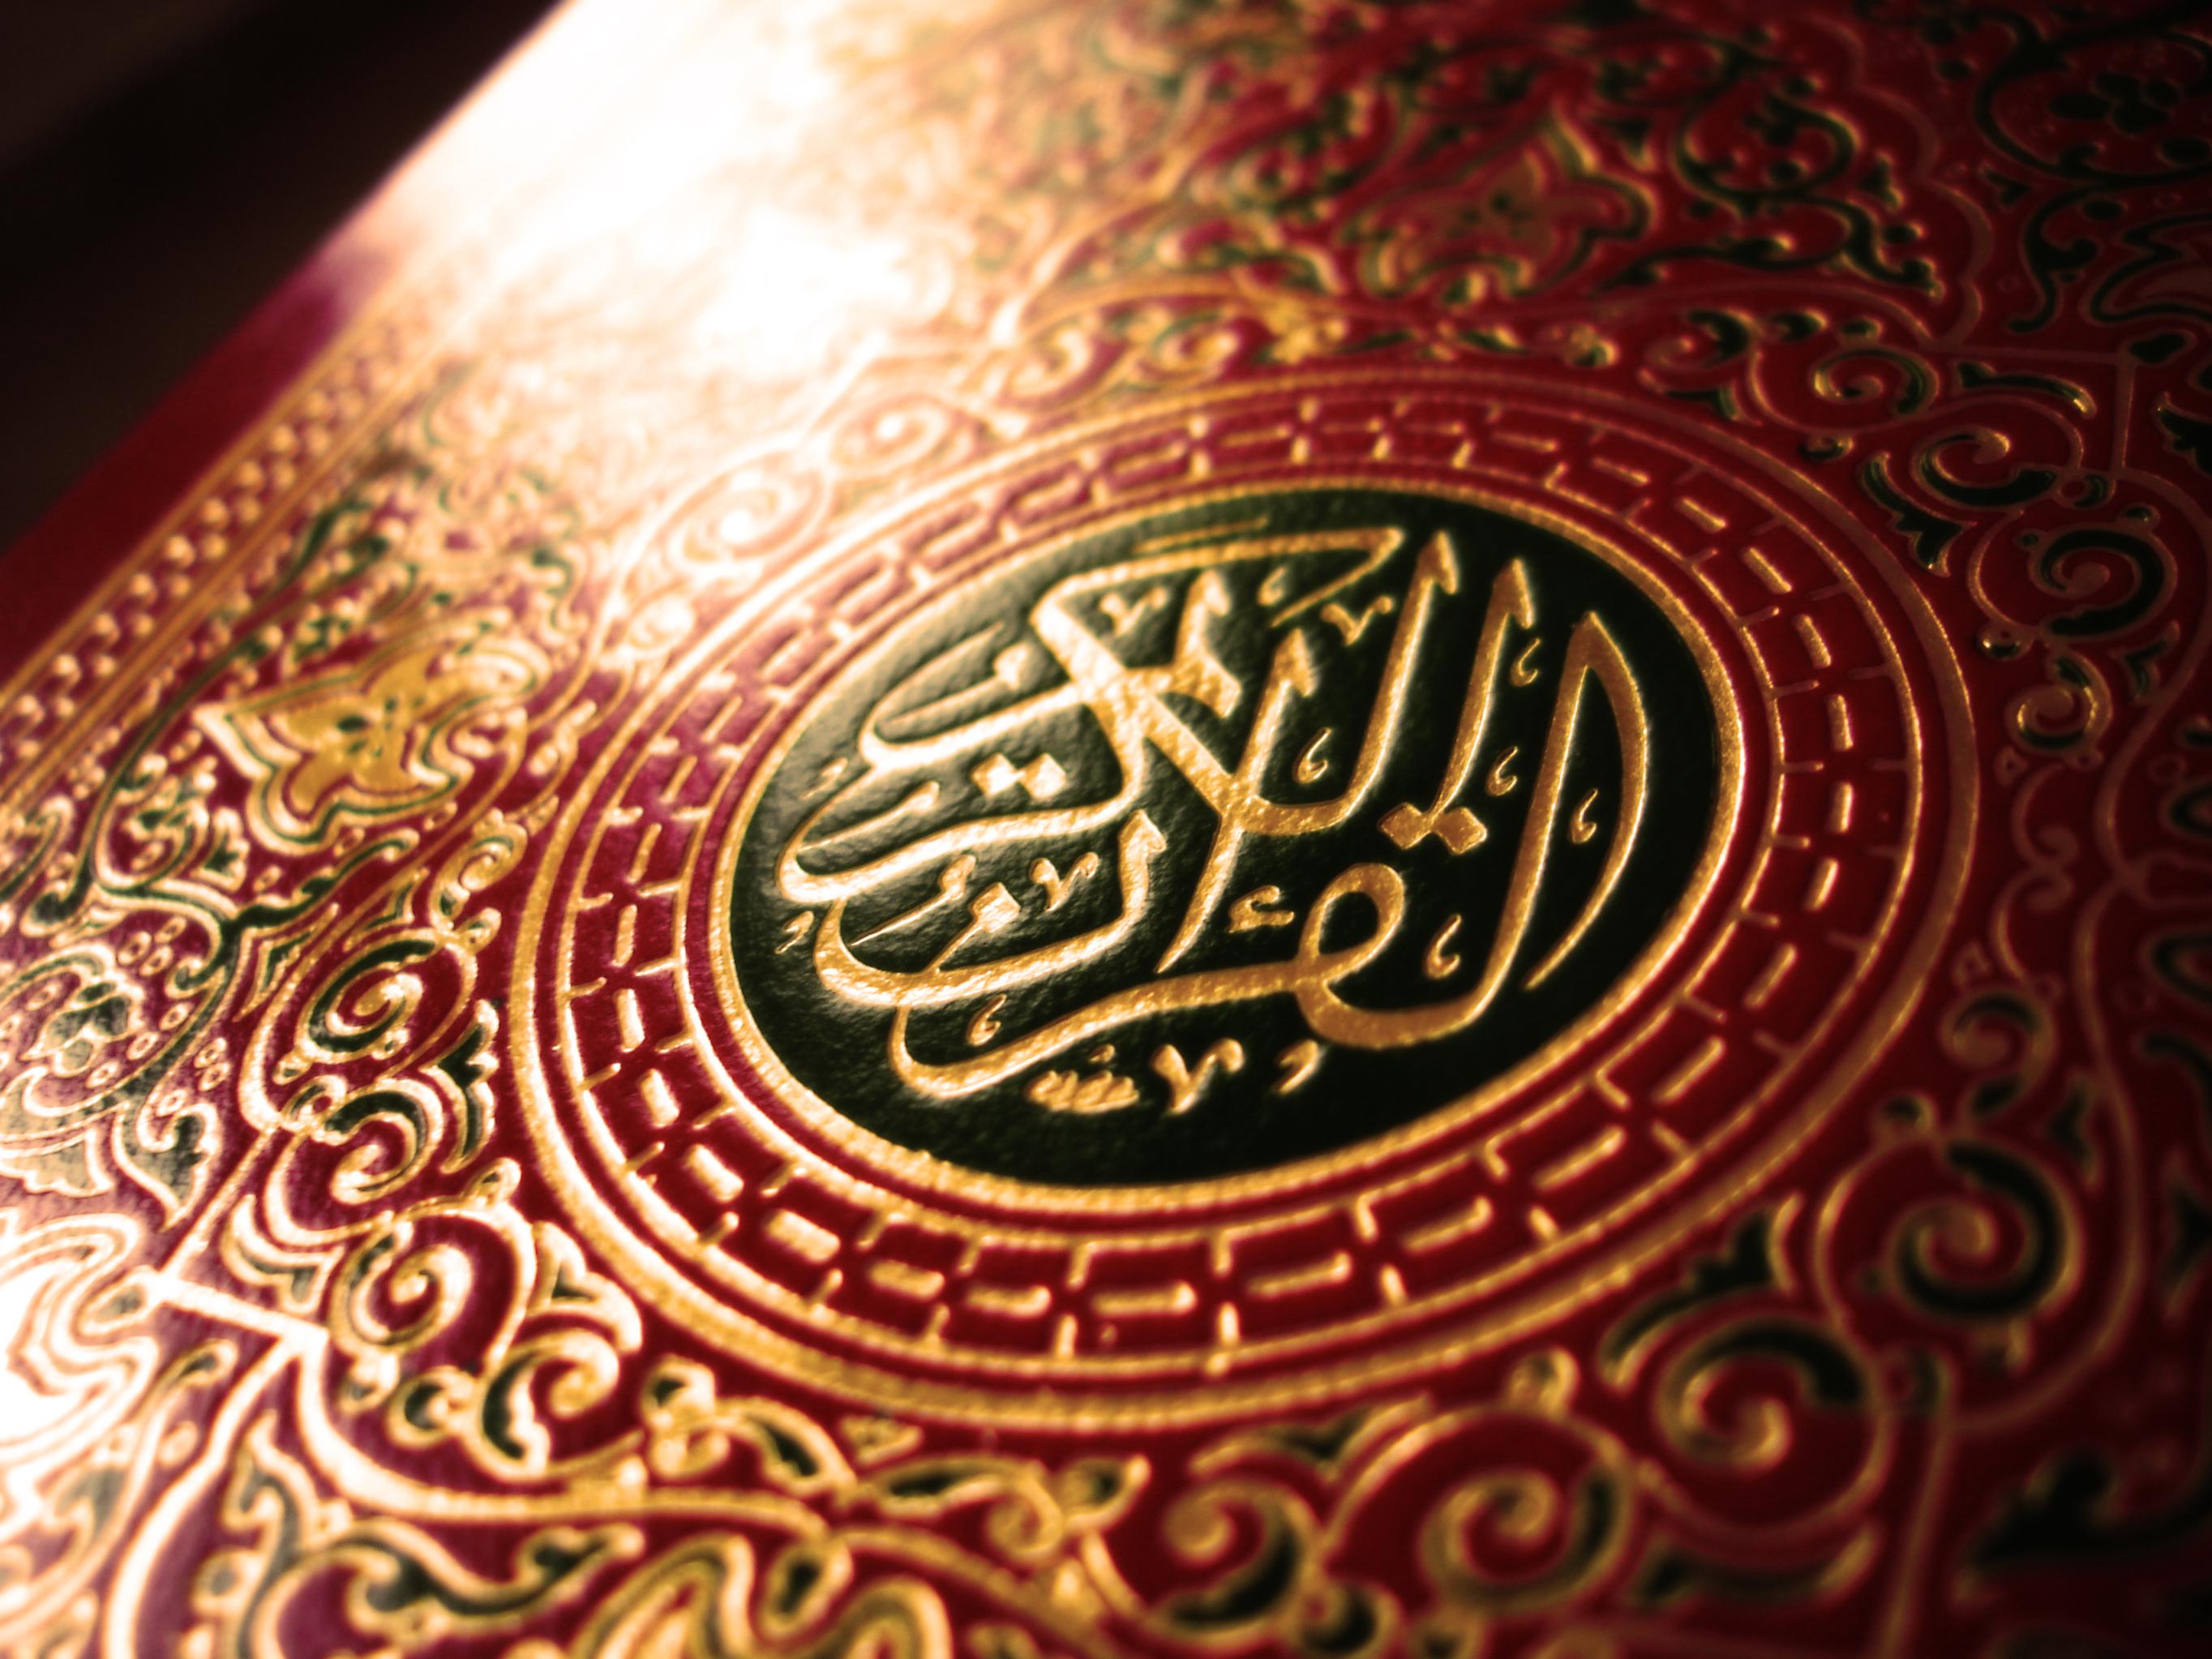 Czy Mahomet był fałszywym prorokiem?